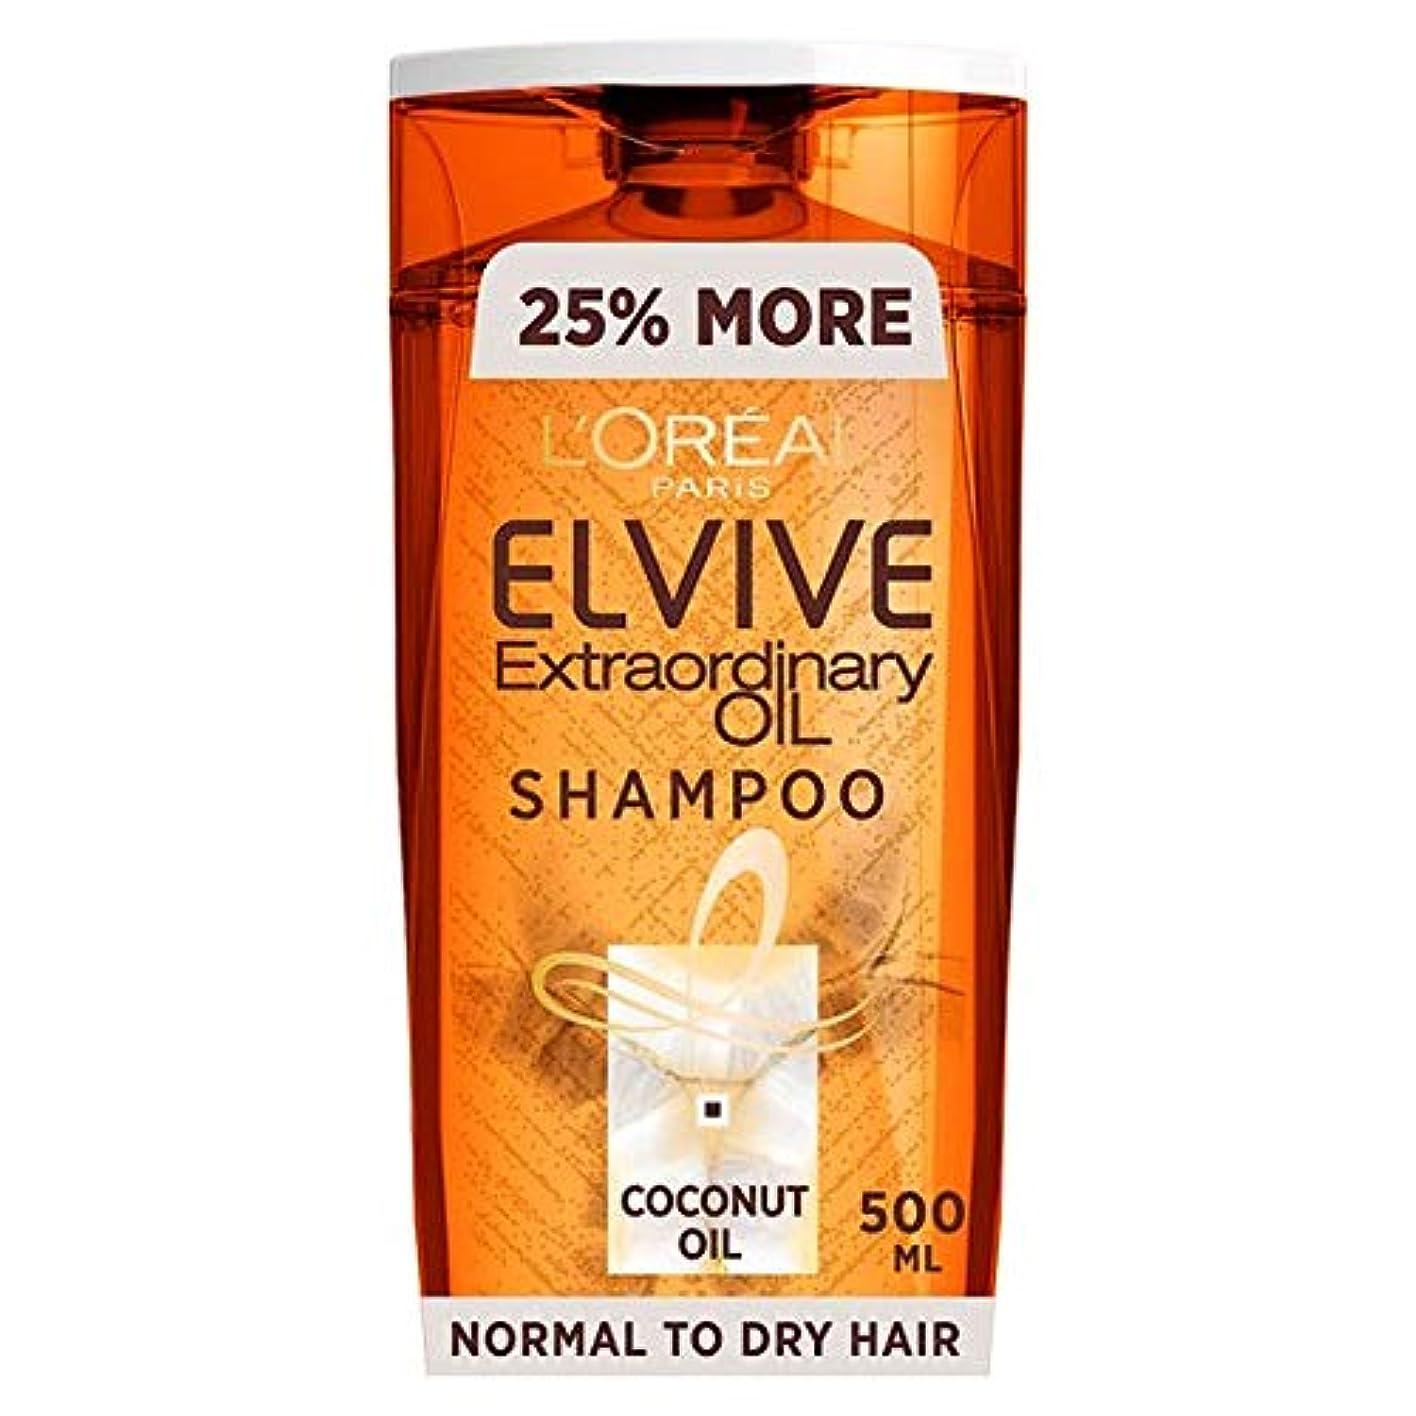 プロポーショナル司法獣[Elvive] ロレアルElvive臨時ヤシ油シャンプー500ミリリットル - L'oreal Elvive Extraordinary Coconut Oil Shampoo 500Ml [並行輸入品]